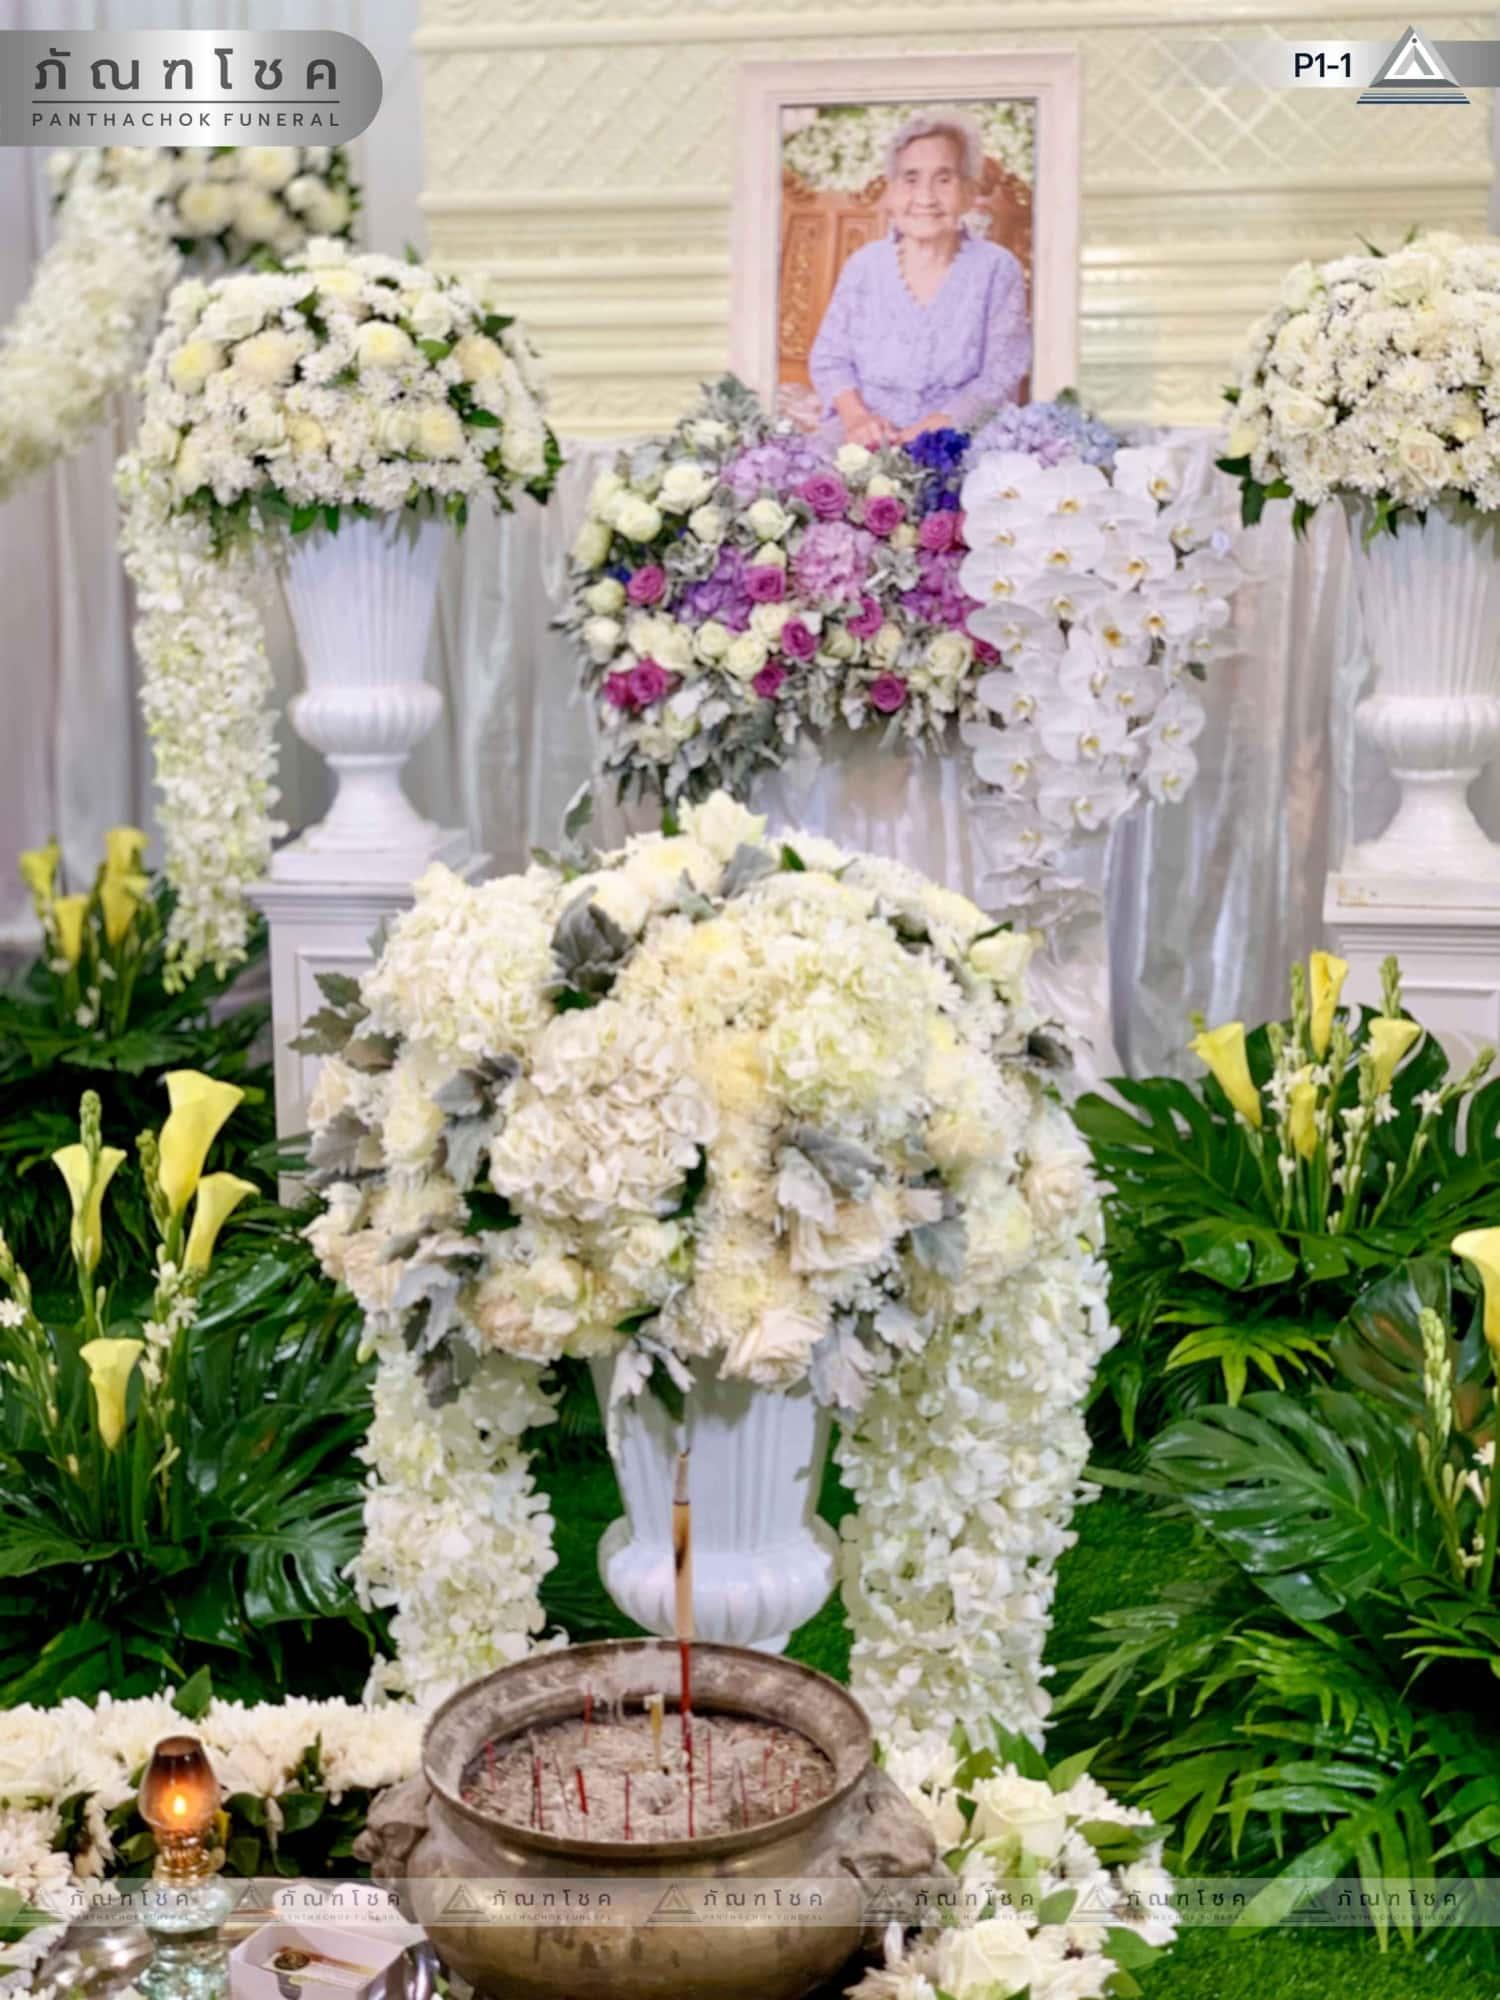 ดอกไม้หน้าศพ ชุด P1-1 67